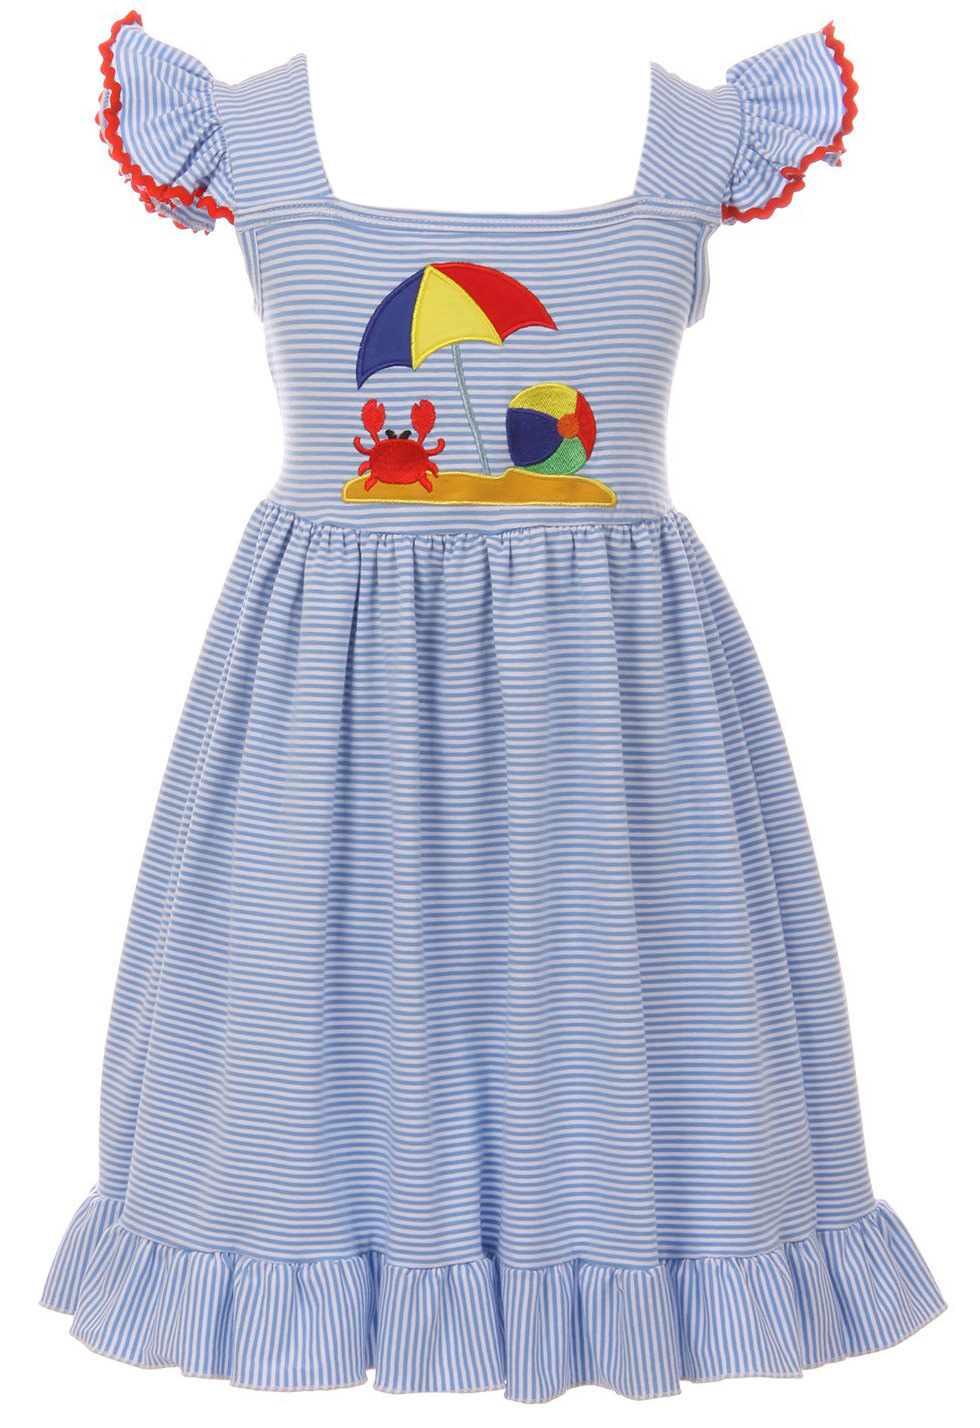 e95b4b825e4ee Toddler Girls Lovely Sleeveless Stripe Crab Birthday Party Flower Girl  Dress Blue 2T XS (P201457P)